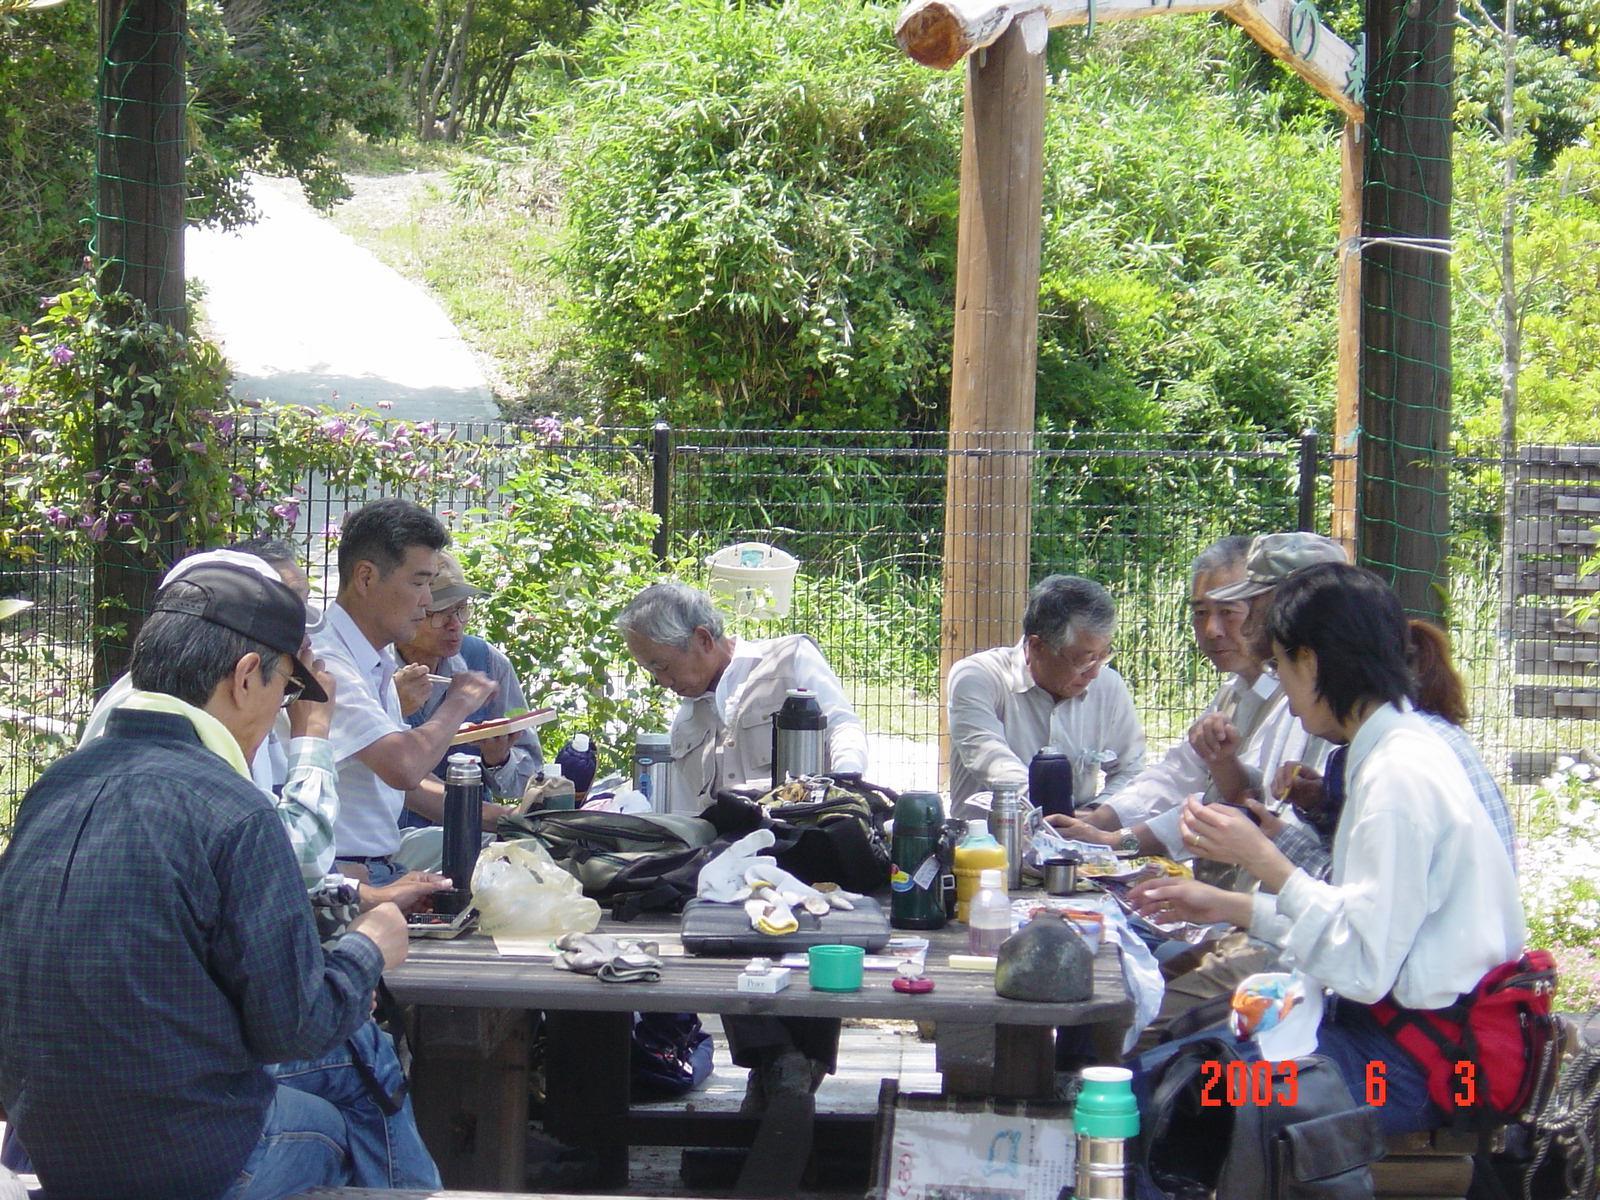 うみべの森の歴史⑬「2003年6月の活動」_c0108460_11510096.jpg